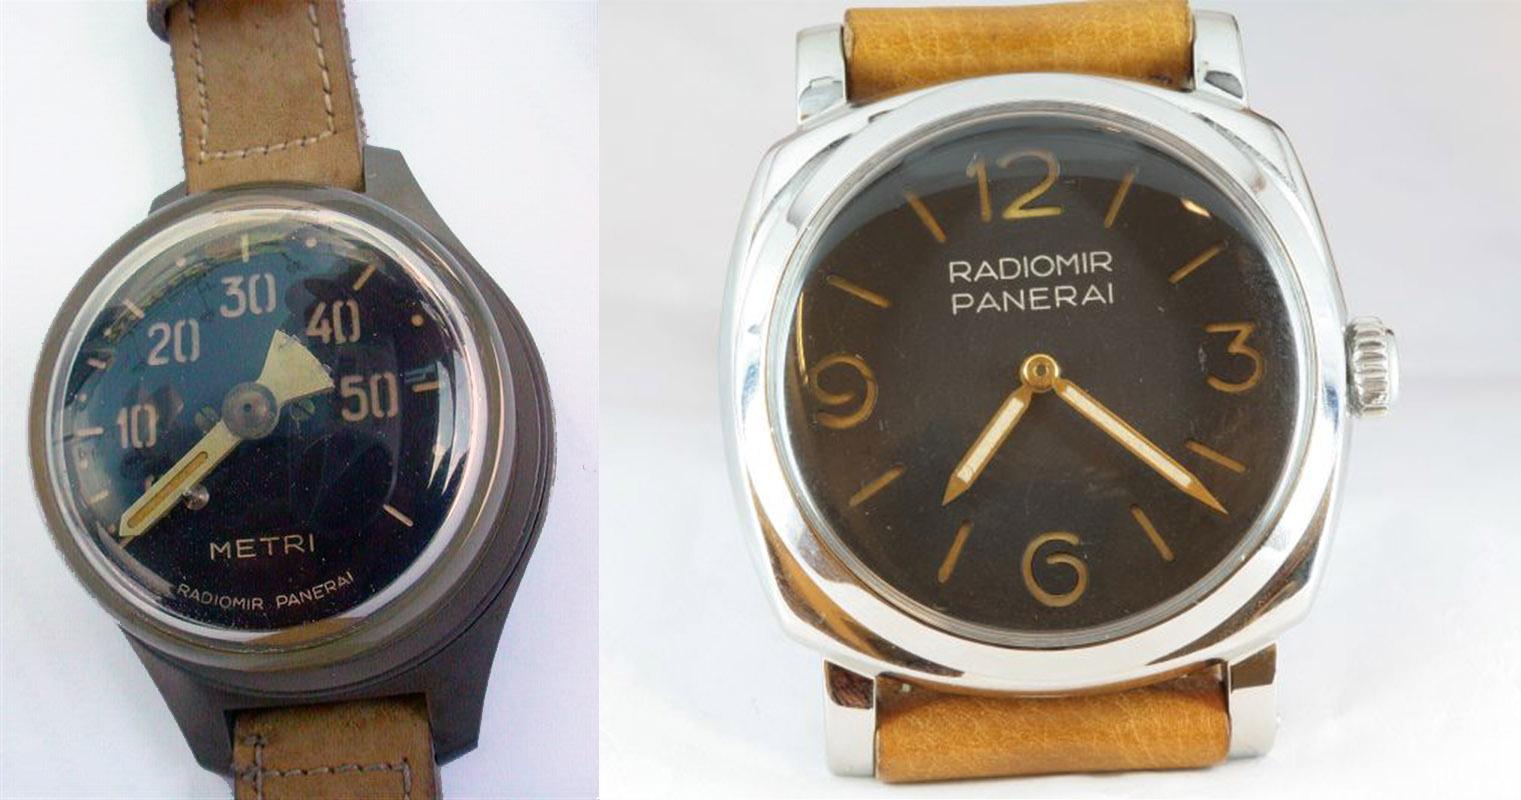 Profondimetro historischer Tiefenmesser Radiomir Panerai Uhr